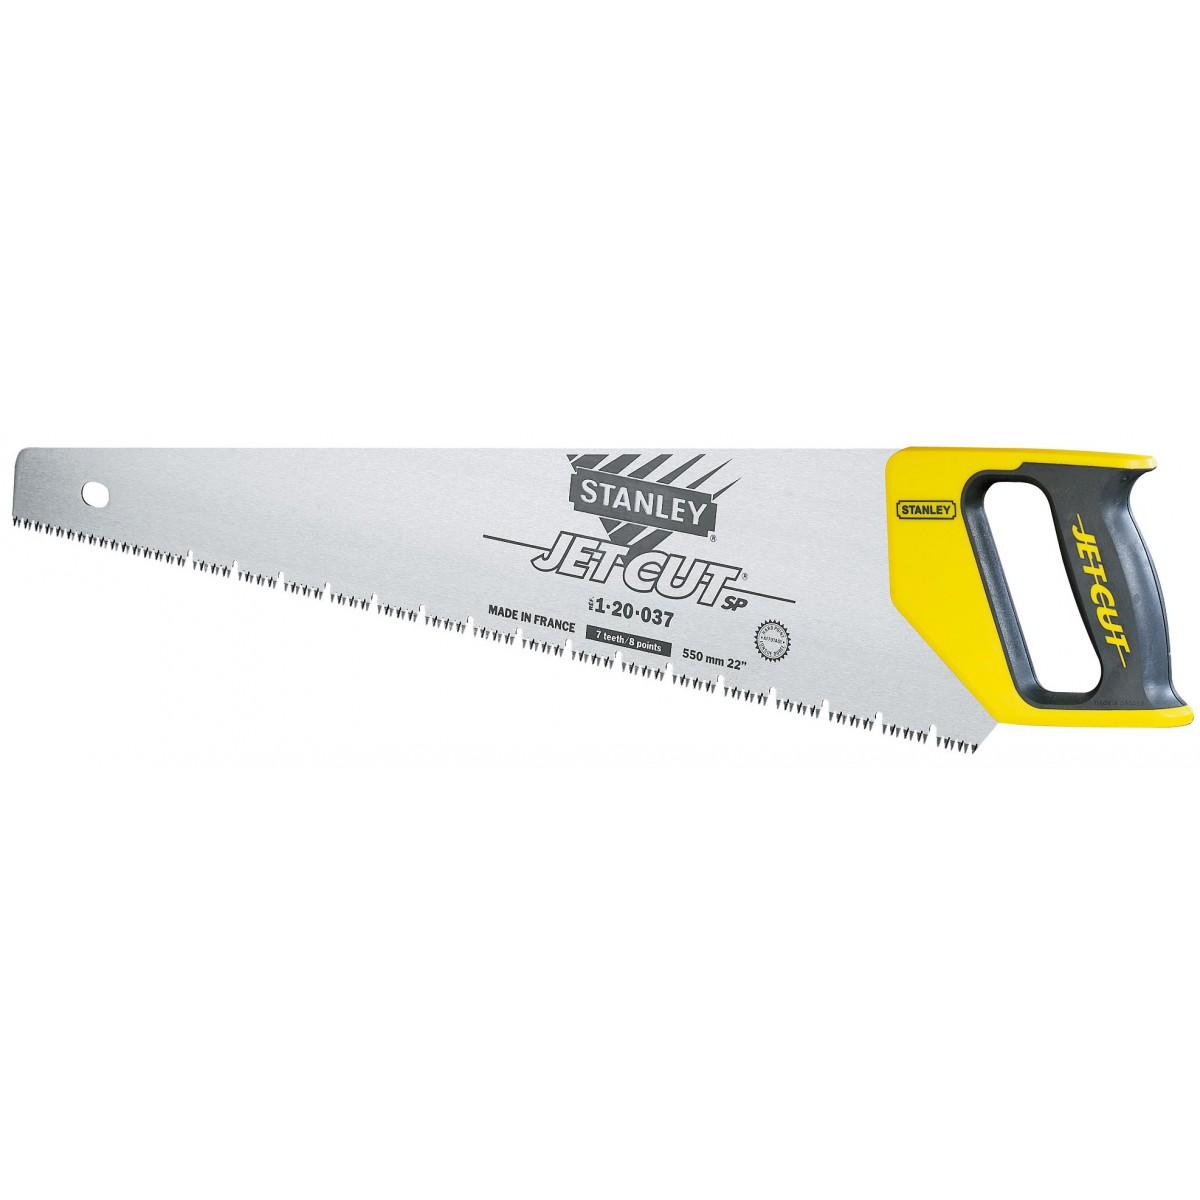 Scie égoïne jet cut Stanley - Spécial plâtre - Longueur 550 mm